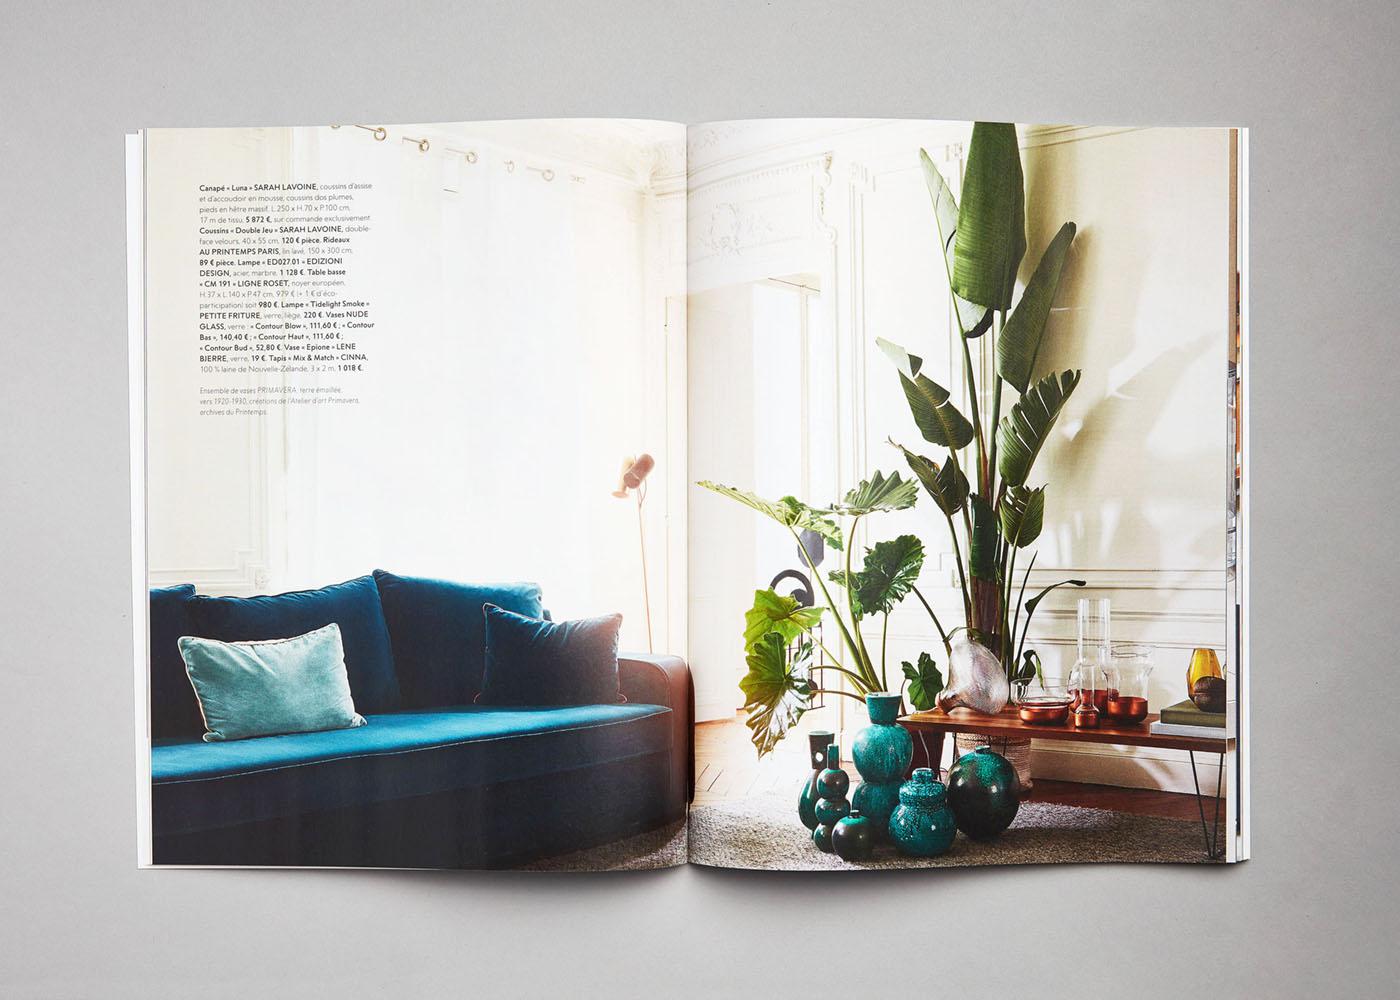 PRINTEMPS Catalogue Maison 2017 Déco Décoration Design Icône Mobilier Printemps Haussmann Sarah Lavoine Edizioni Design Cinna Nude Glass